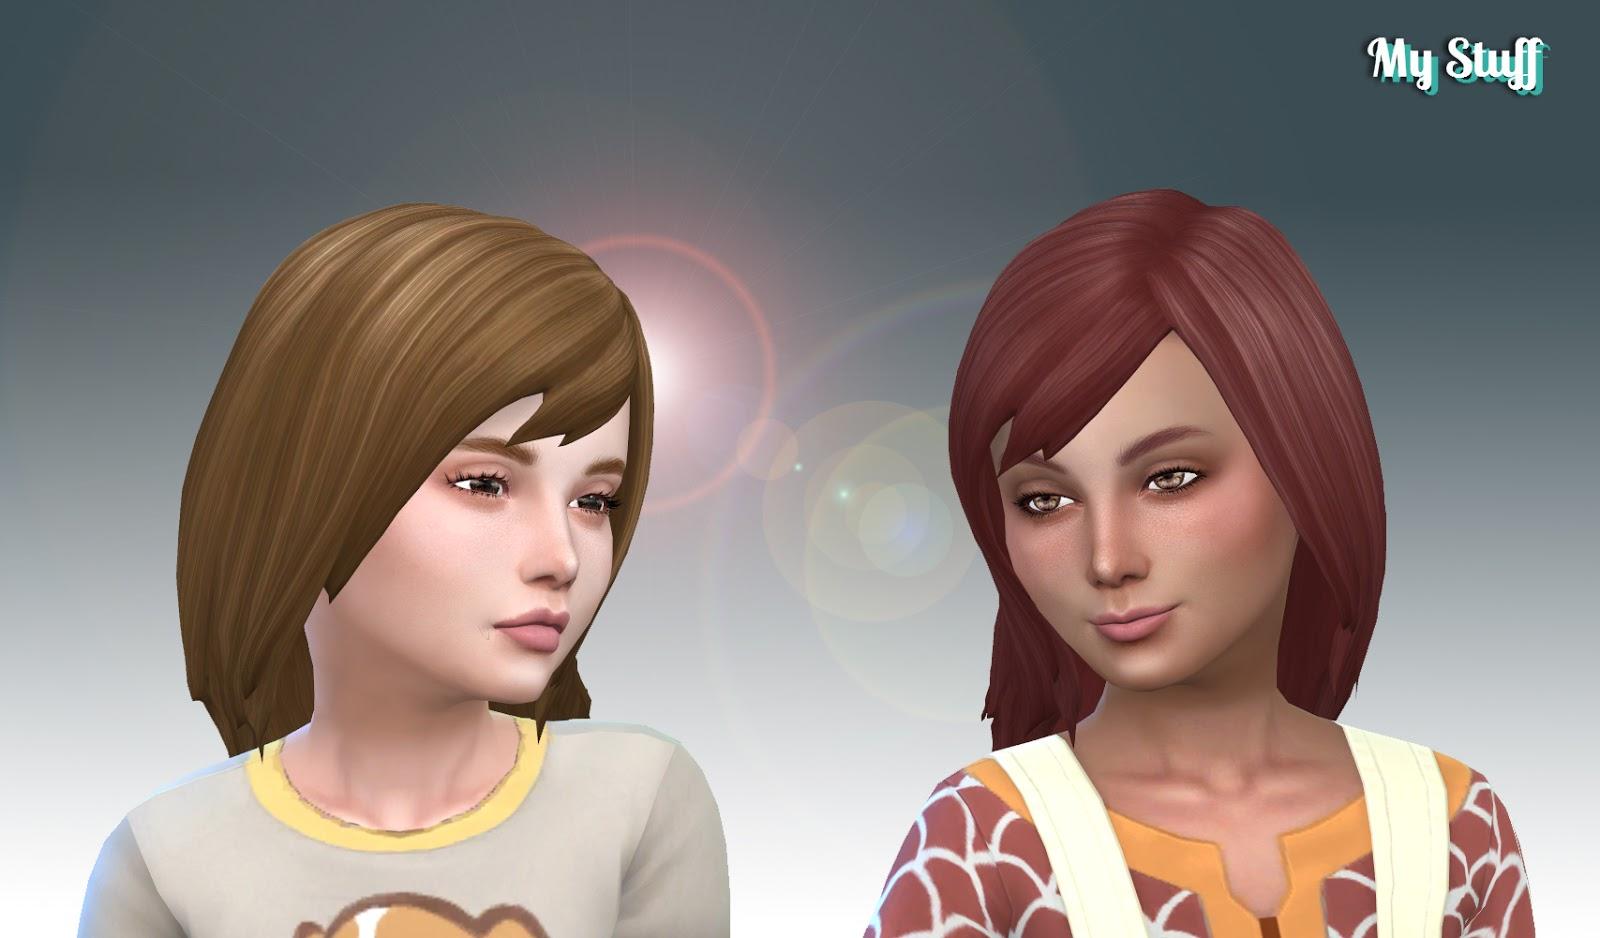 Причёски для девочек в симс 4